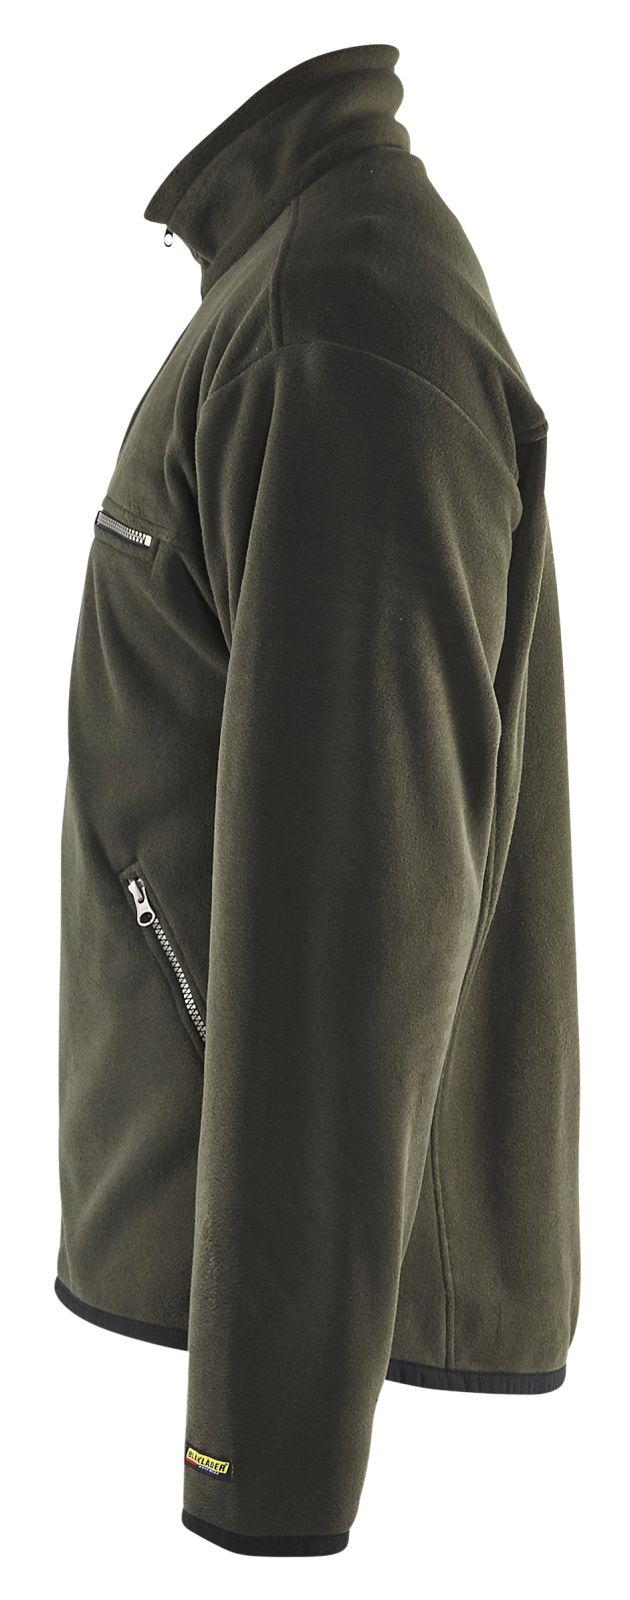 Blaklader Fleece vesten 48302510 groen(4400)